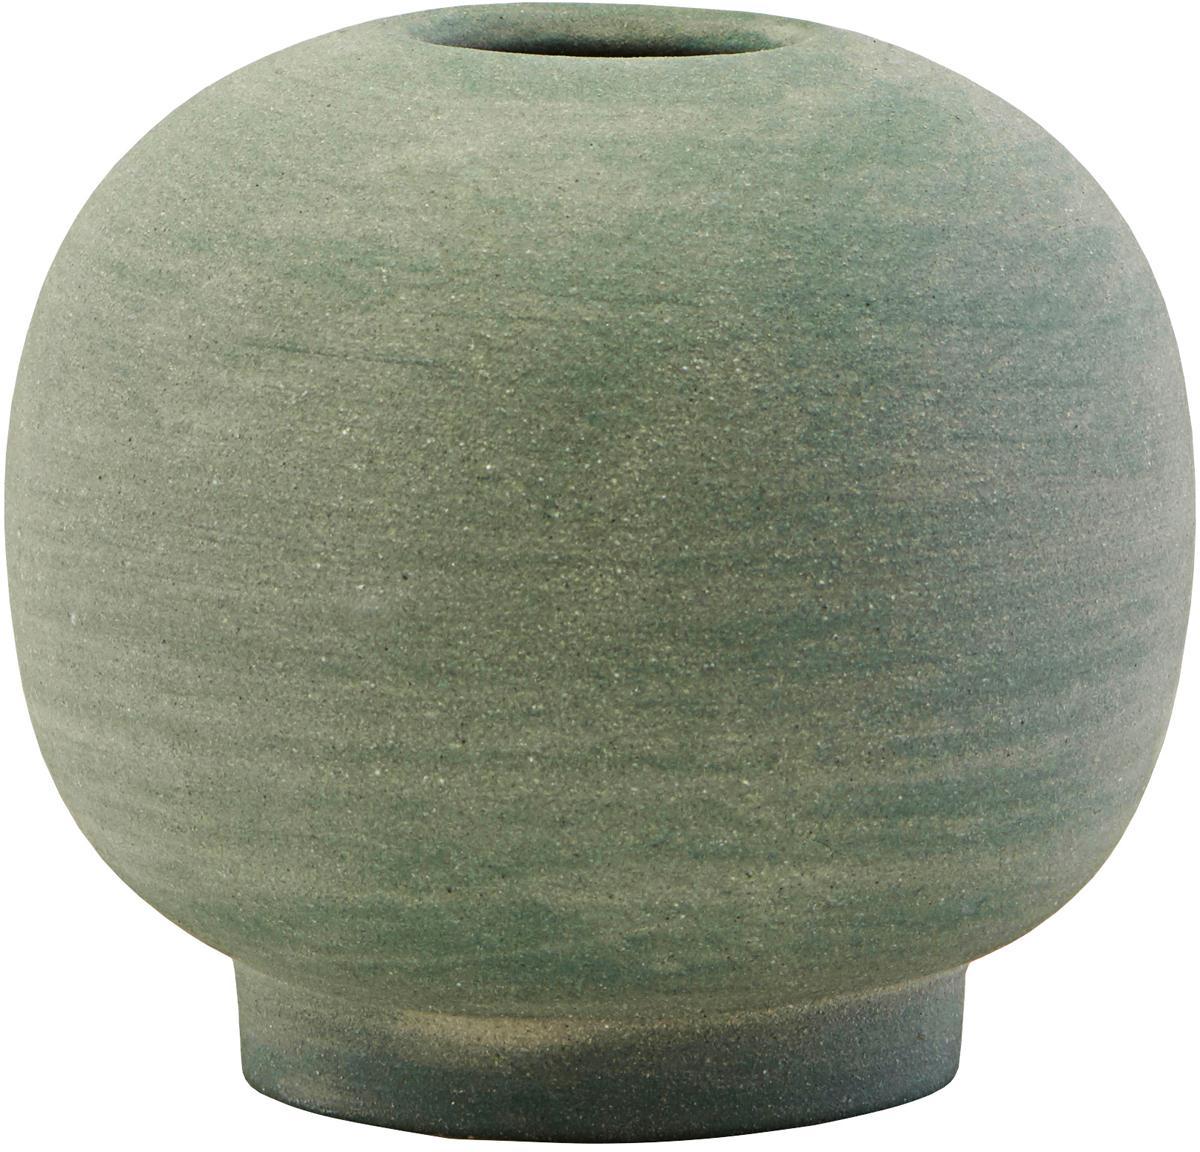 Handgemaakte XS vaas Bobbles van keramiek, Keramiek, Groen, Ø 7 x H 7 cm